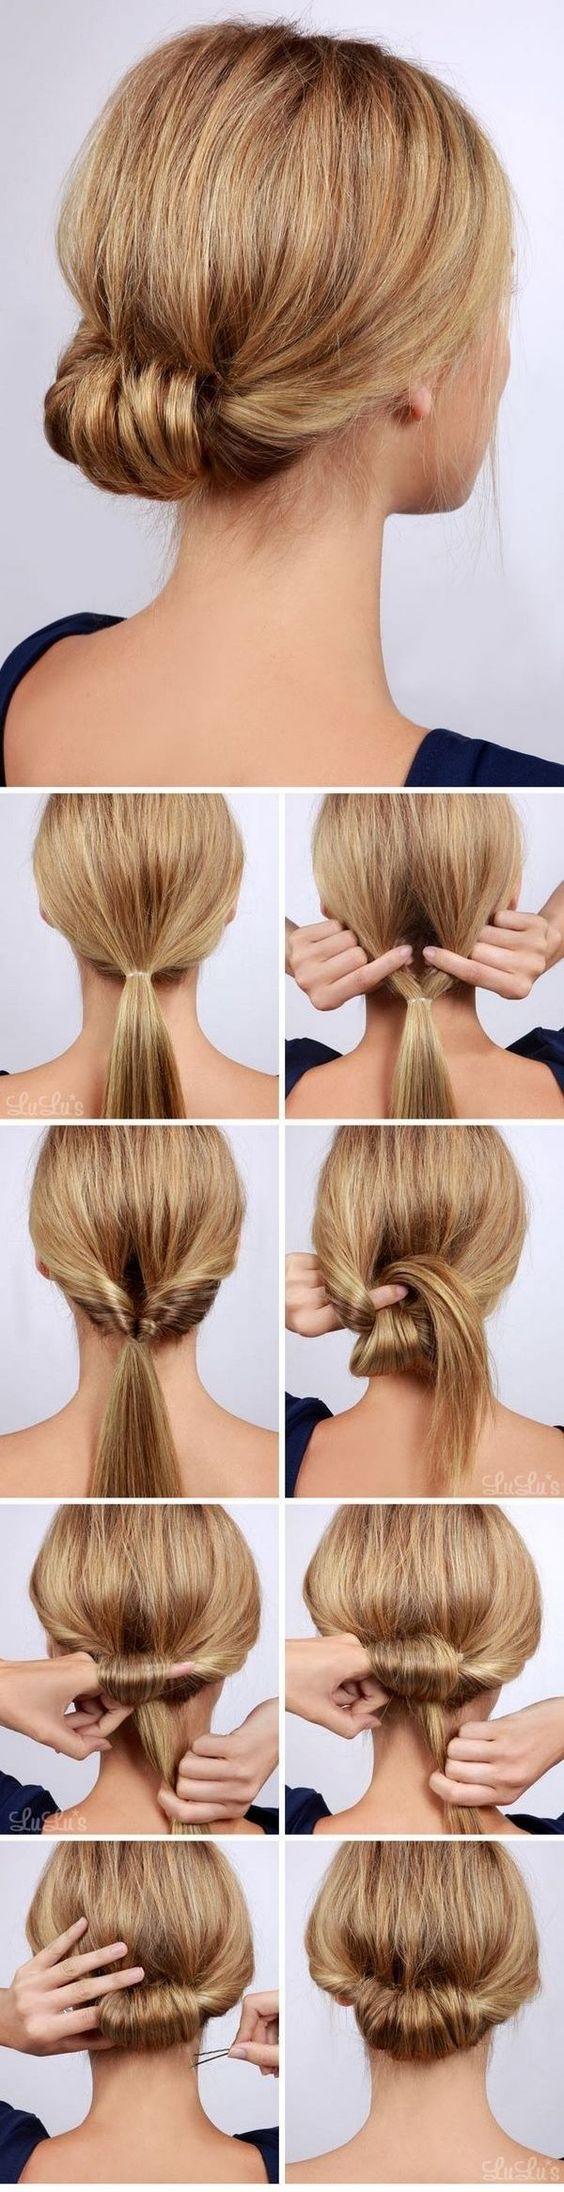 Instrucciones peinados chulos y faciles Imagen De Tendencias De Color De Pelo - Pin en peinados